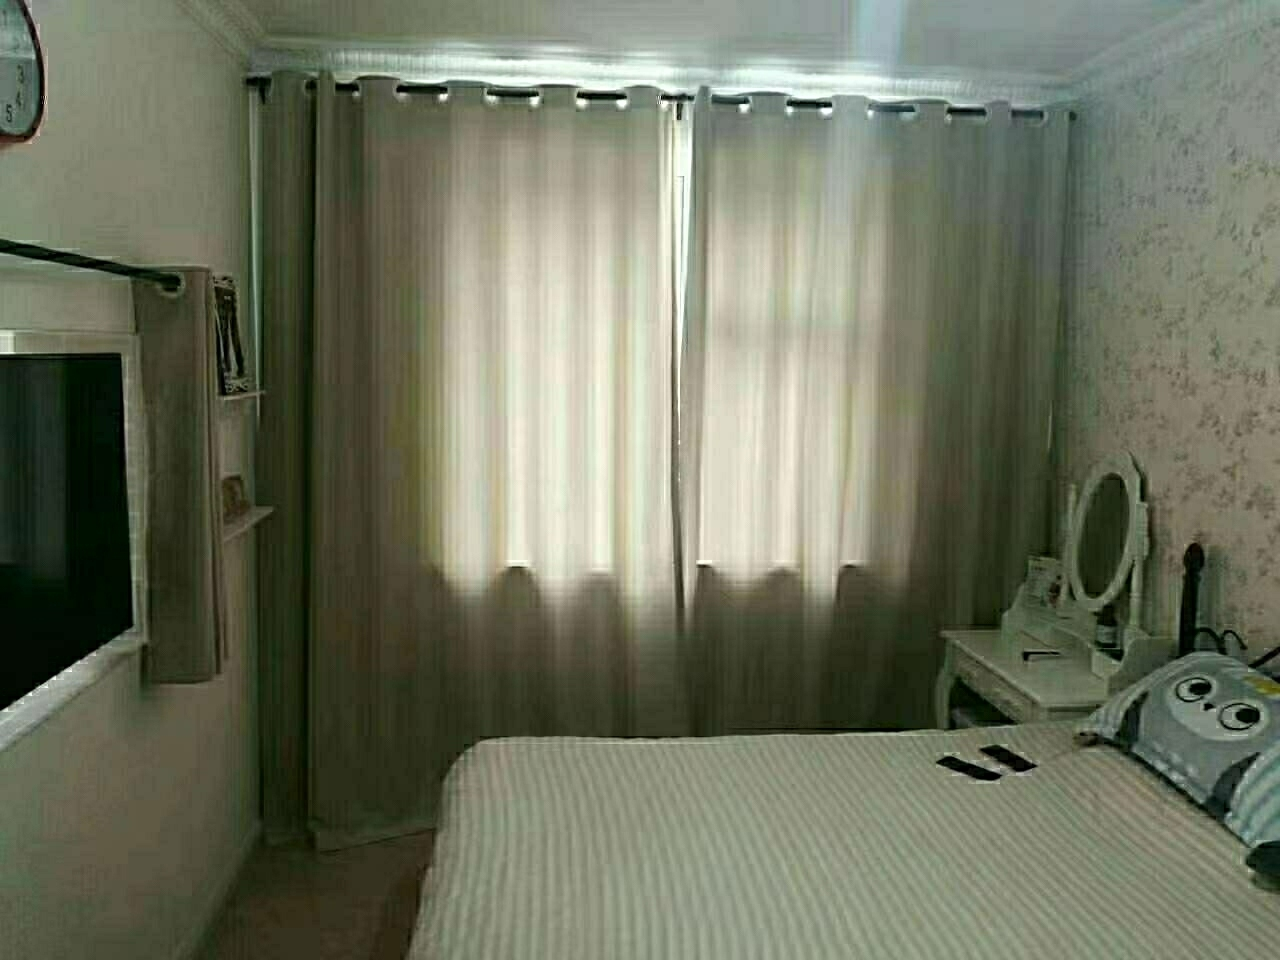 朝阳镇永安小区 豪华装修2室1厅1卫30万元